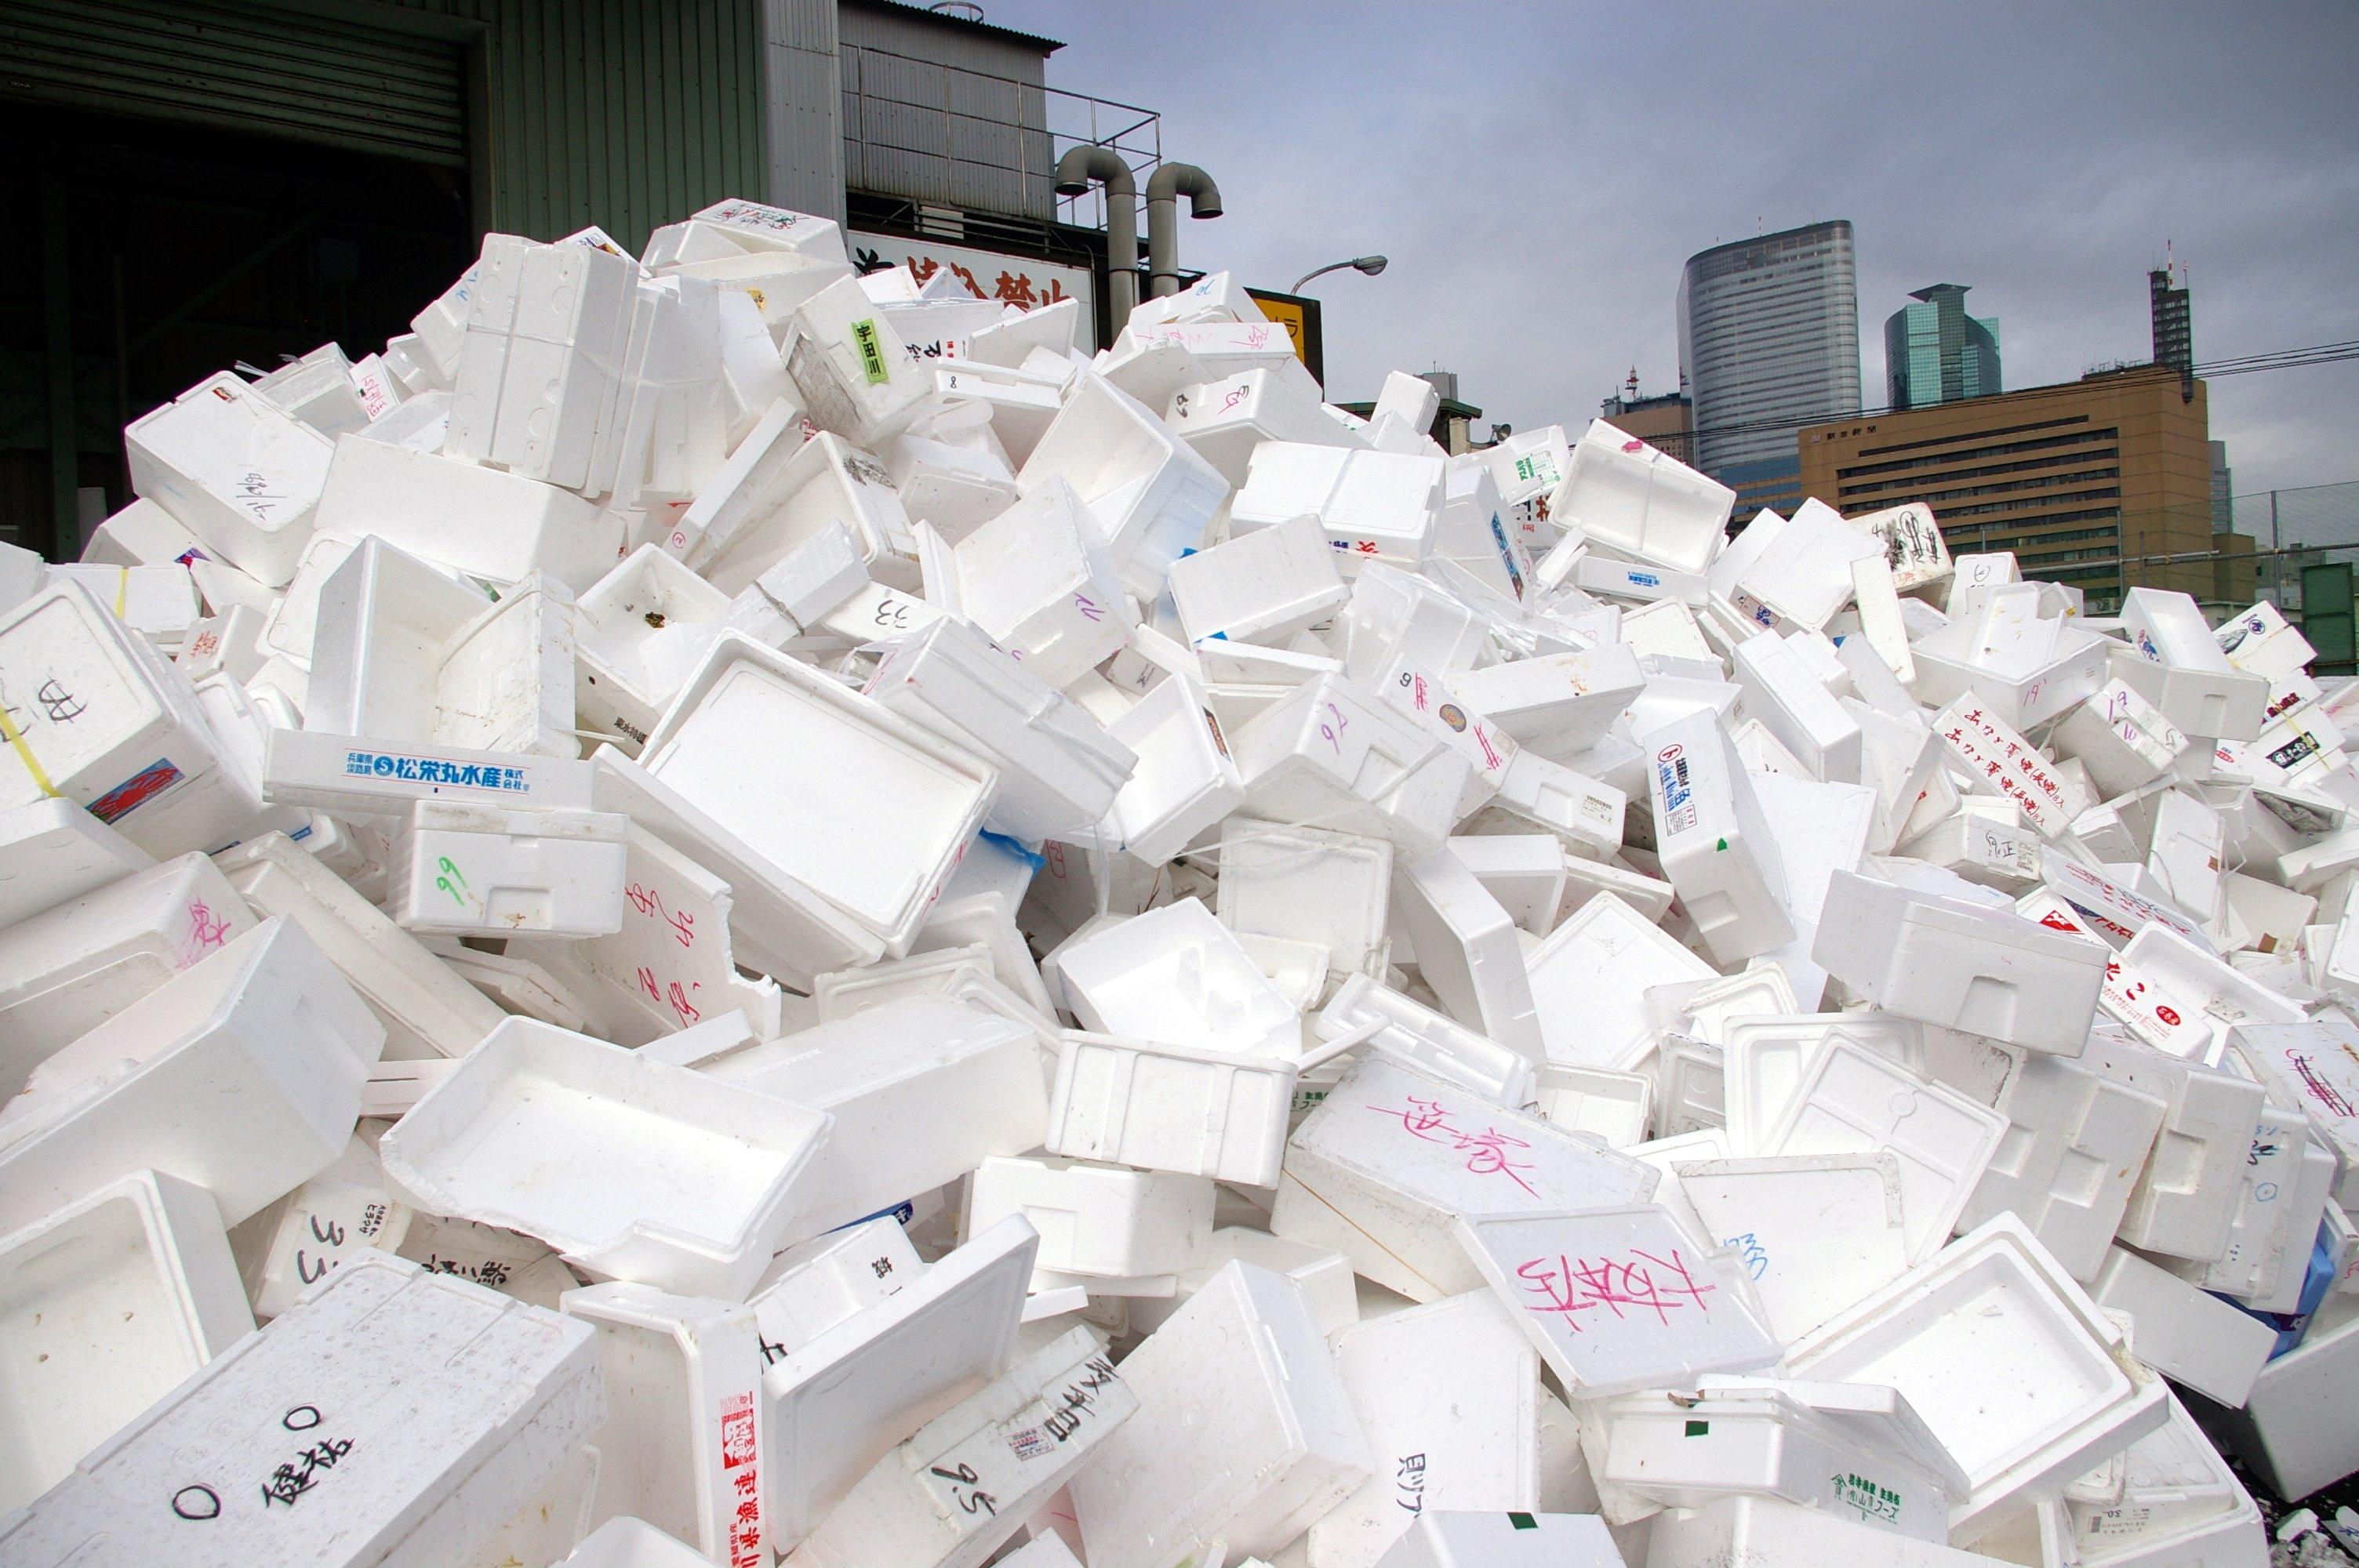 Styrofoam mountain